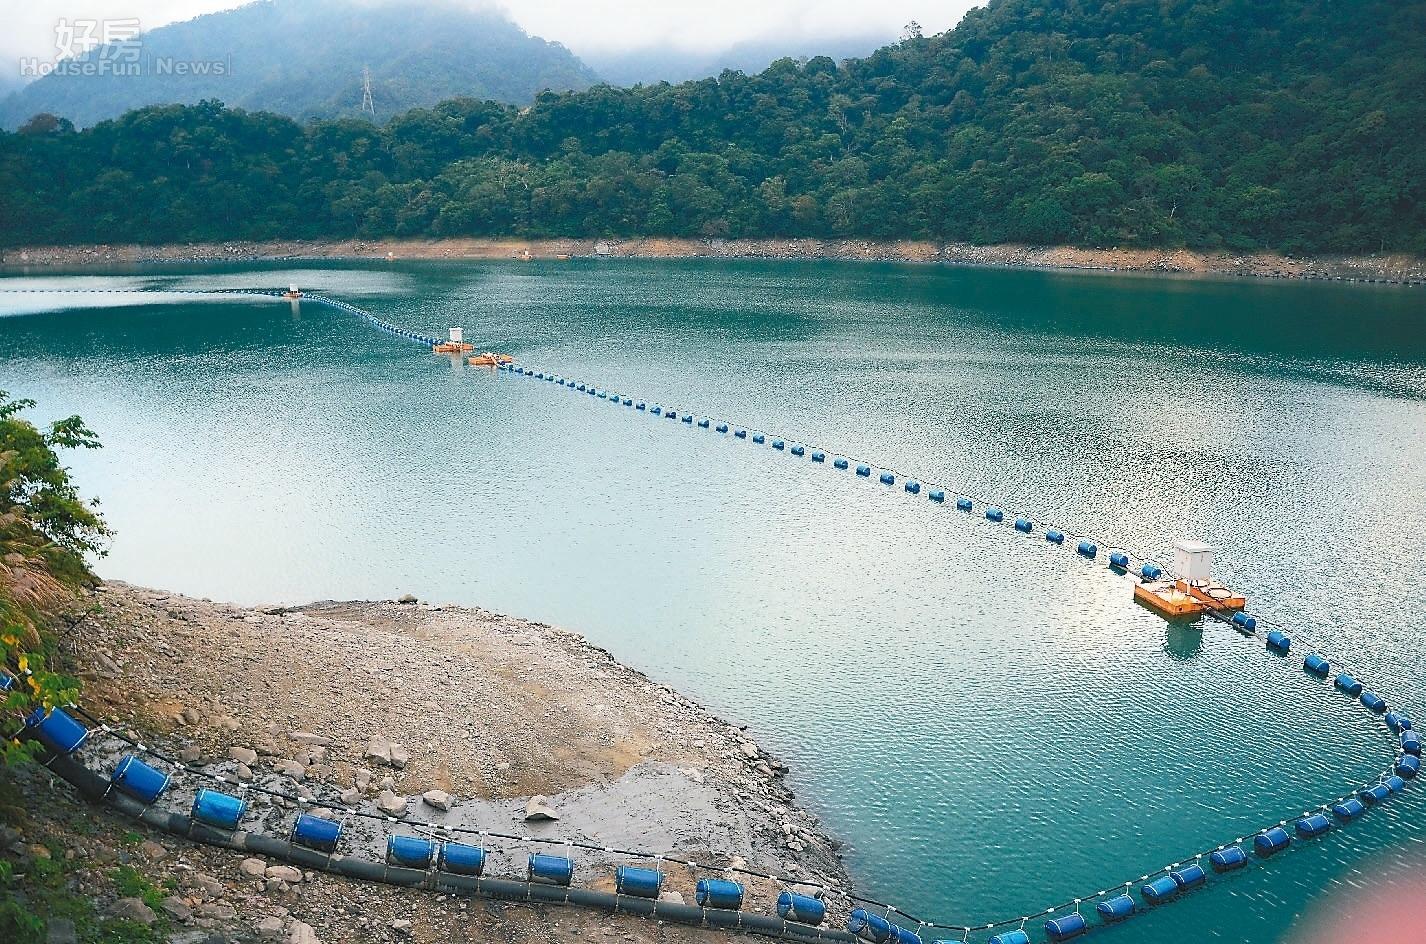 為解決台灣缺水問題,前瞻水環境計畫斥資千億元,增加每日供水能力。(好房網資料中心)